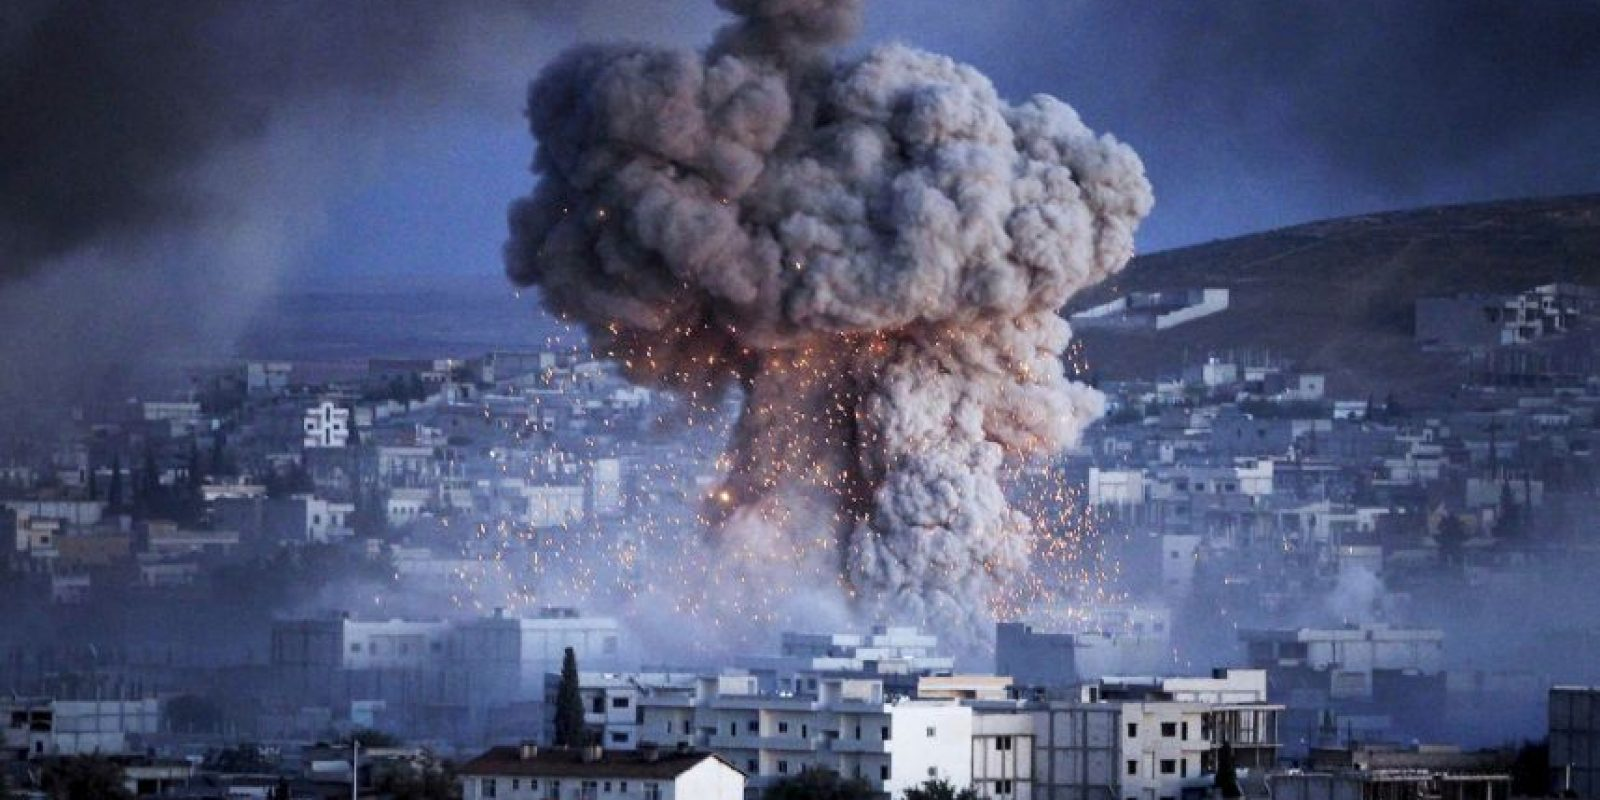 7. El 60% de esos albergados son de Siria, reseñó El País. Foto:Getty